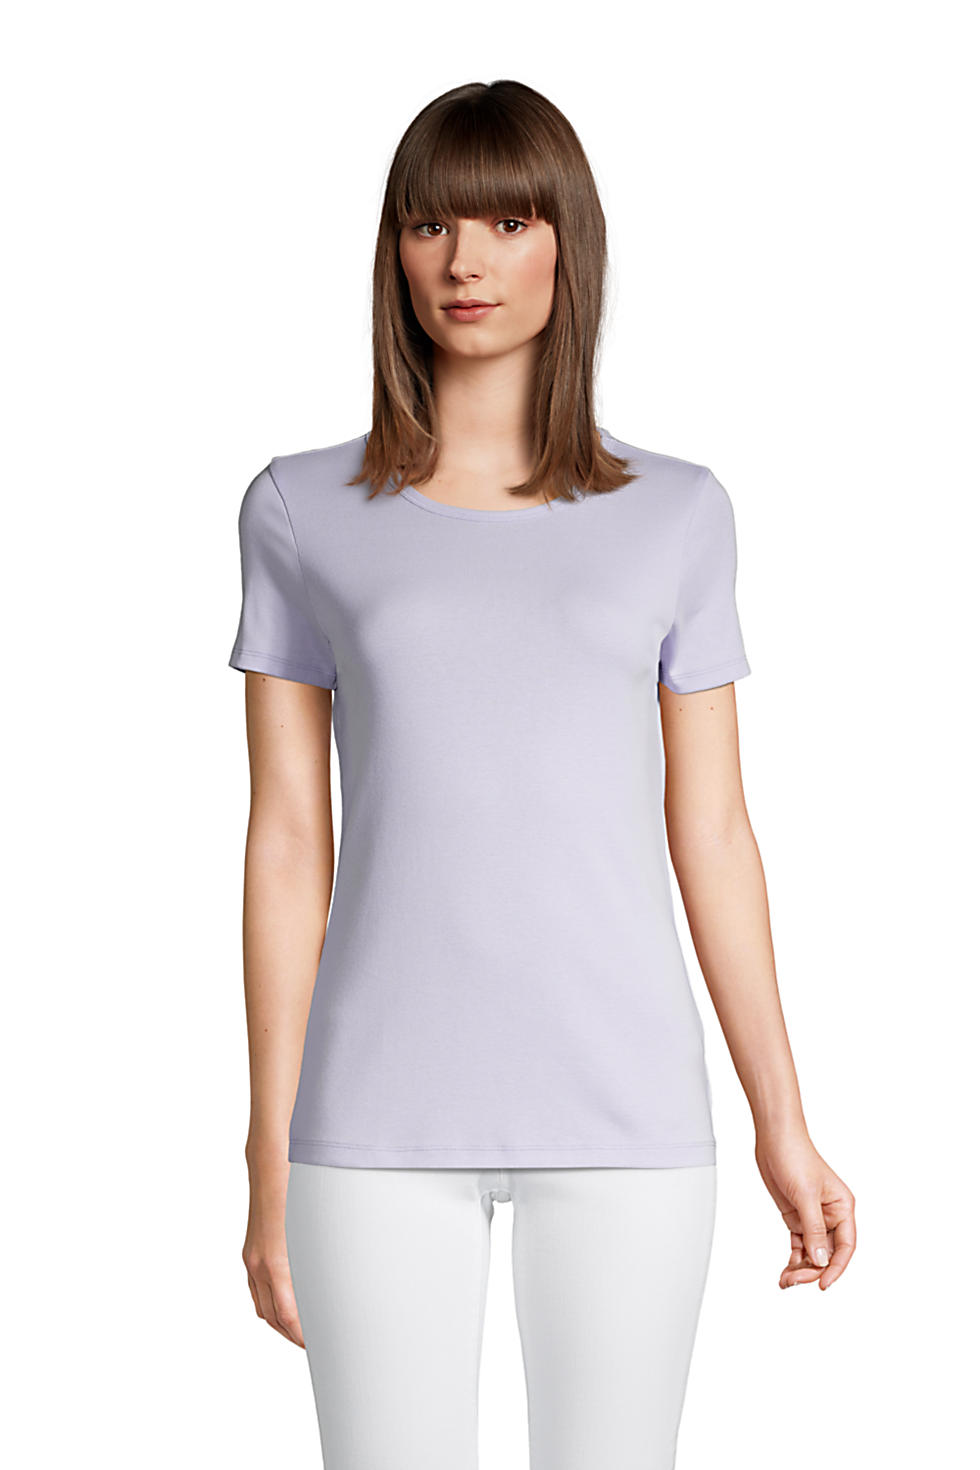 Lands End Women's All Cotton Short Sleeve Crewneck T-shirt